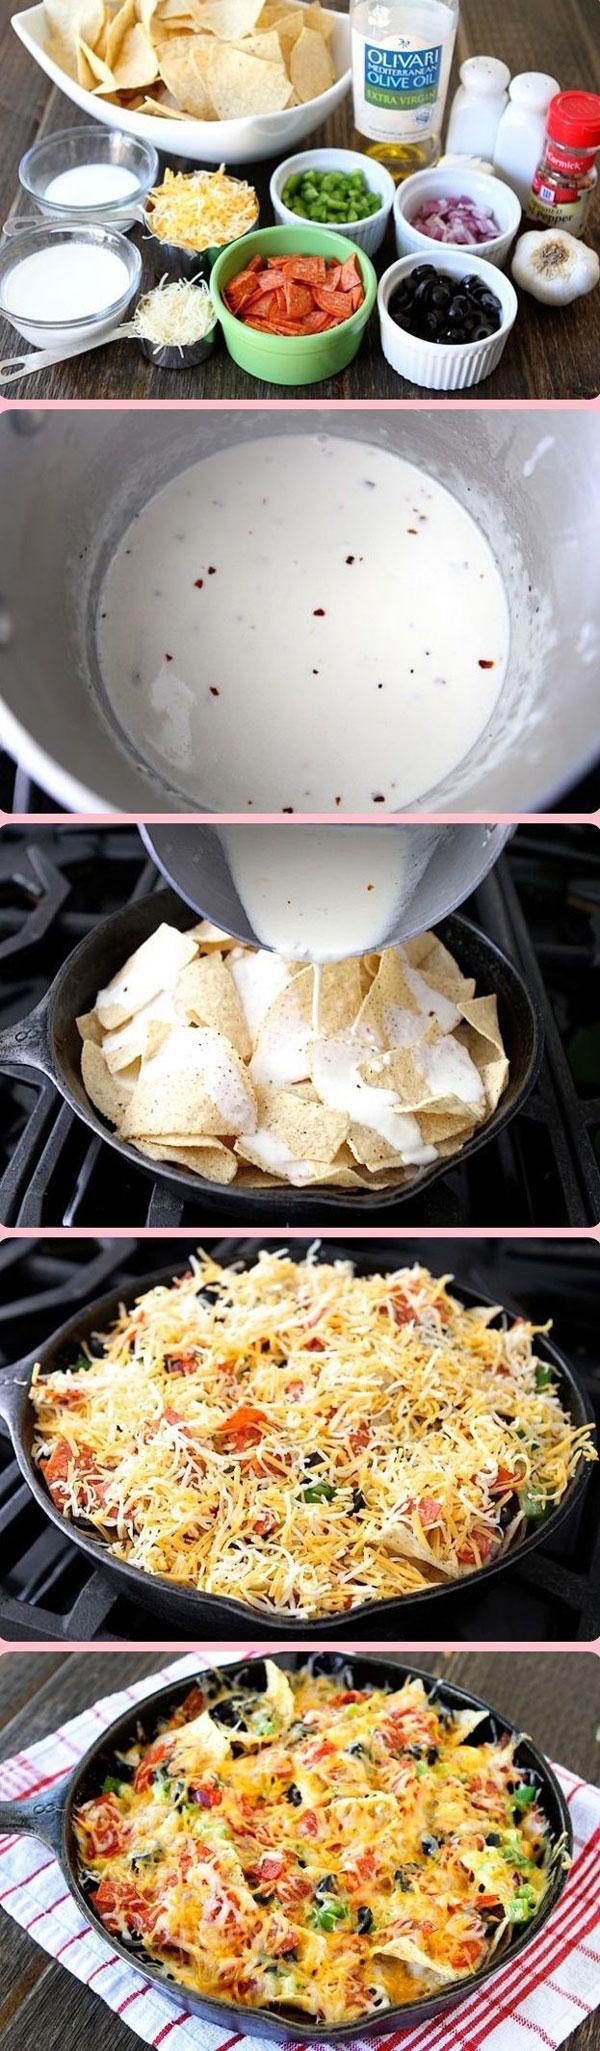 Recipe for pizza nachos